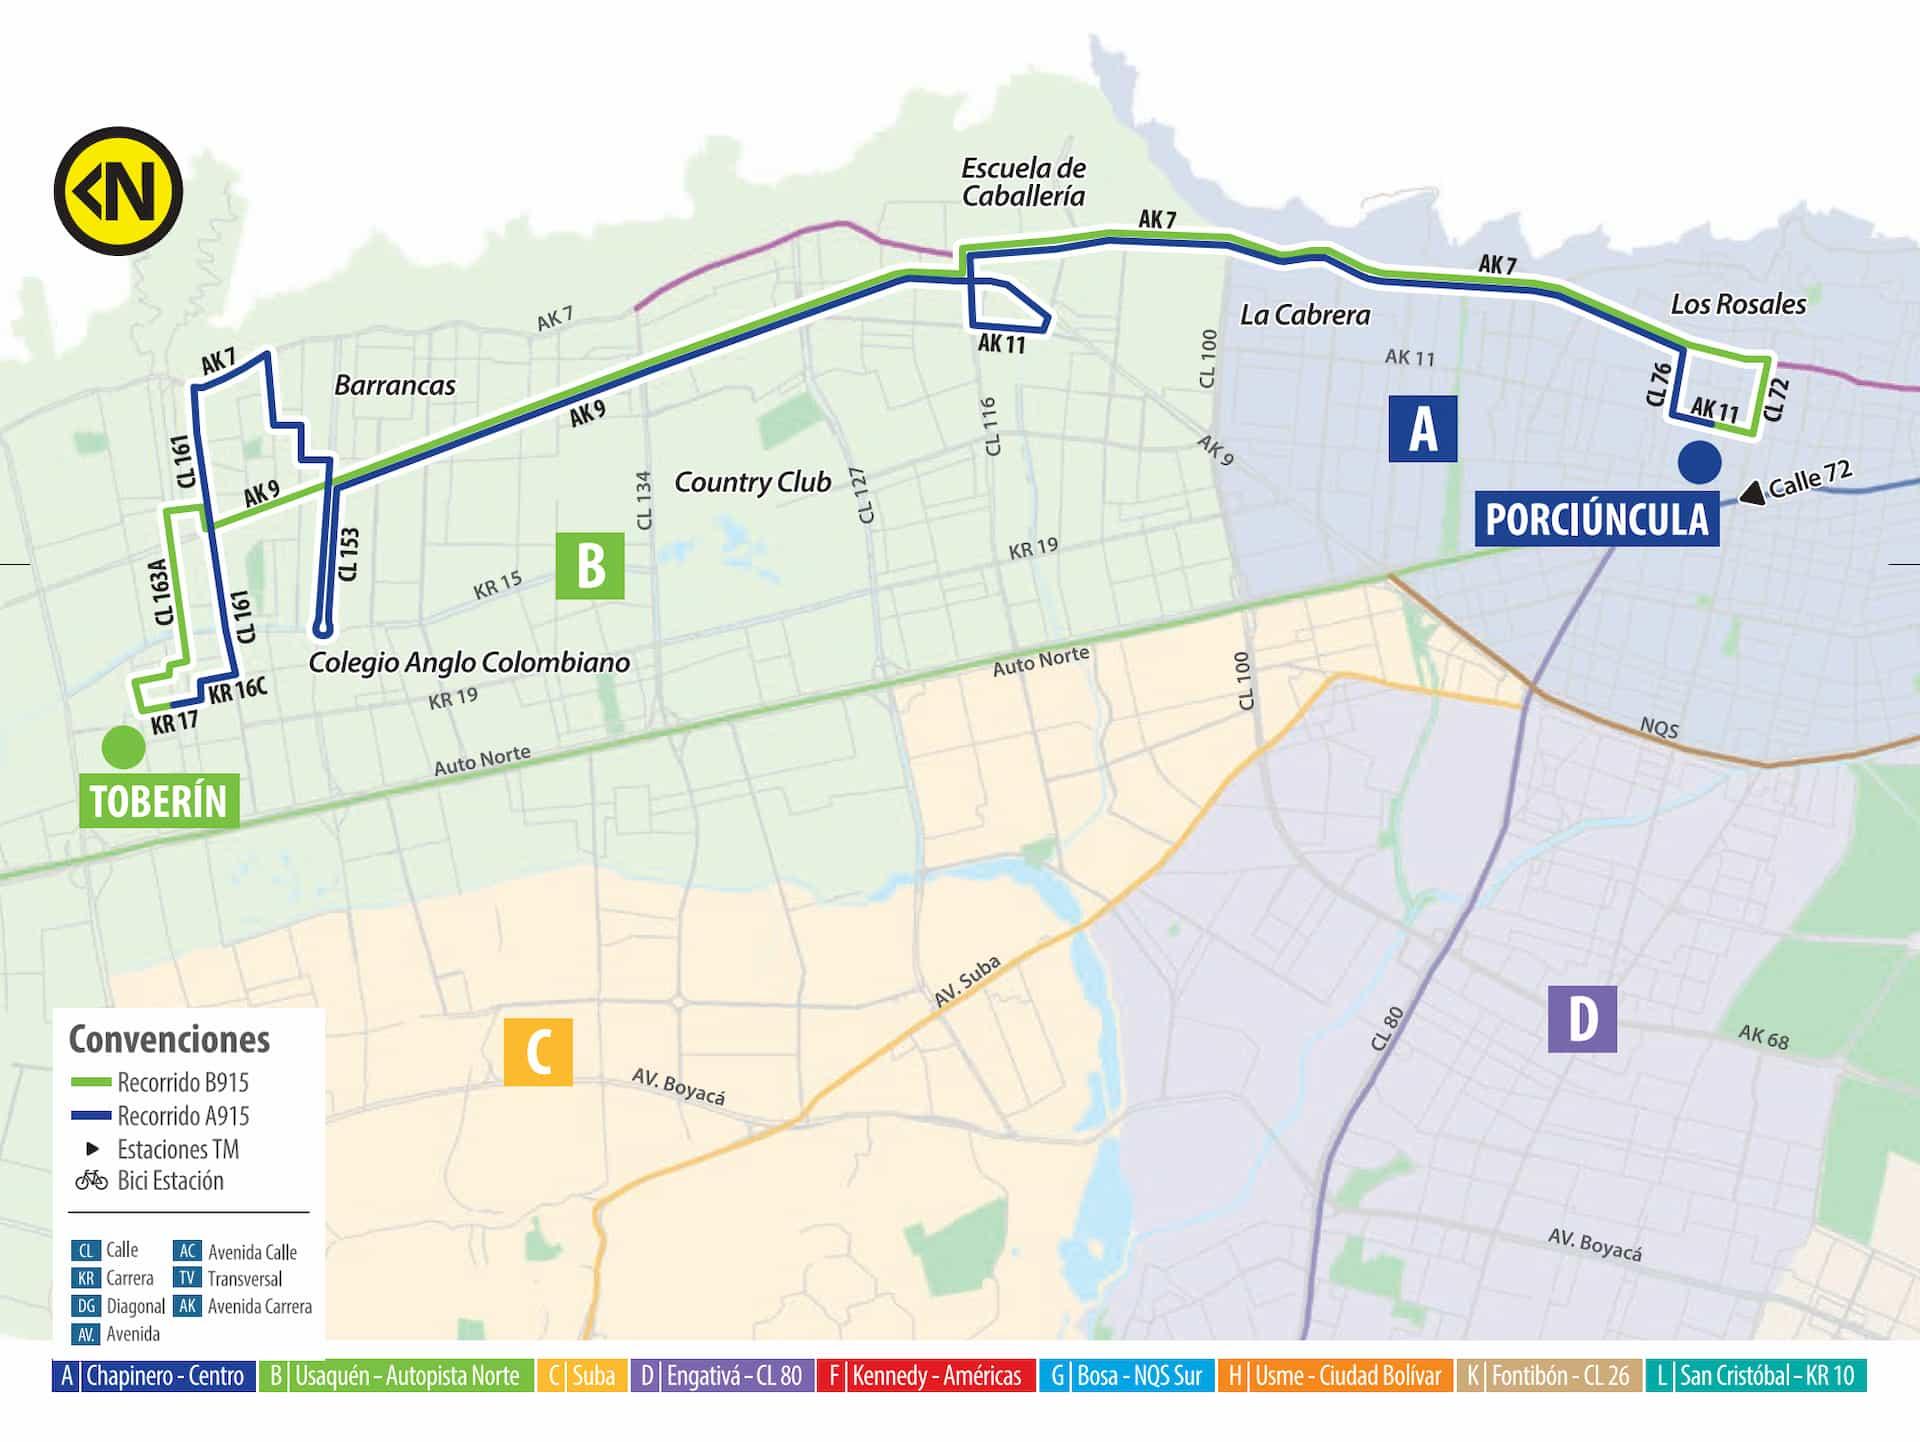 Mapa ruta SITP A915 Porciúncula - B915 Toberín, urbana